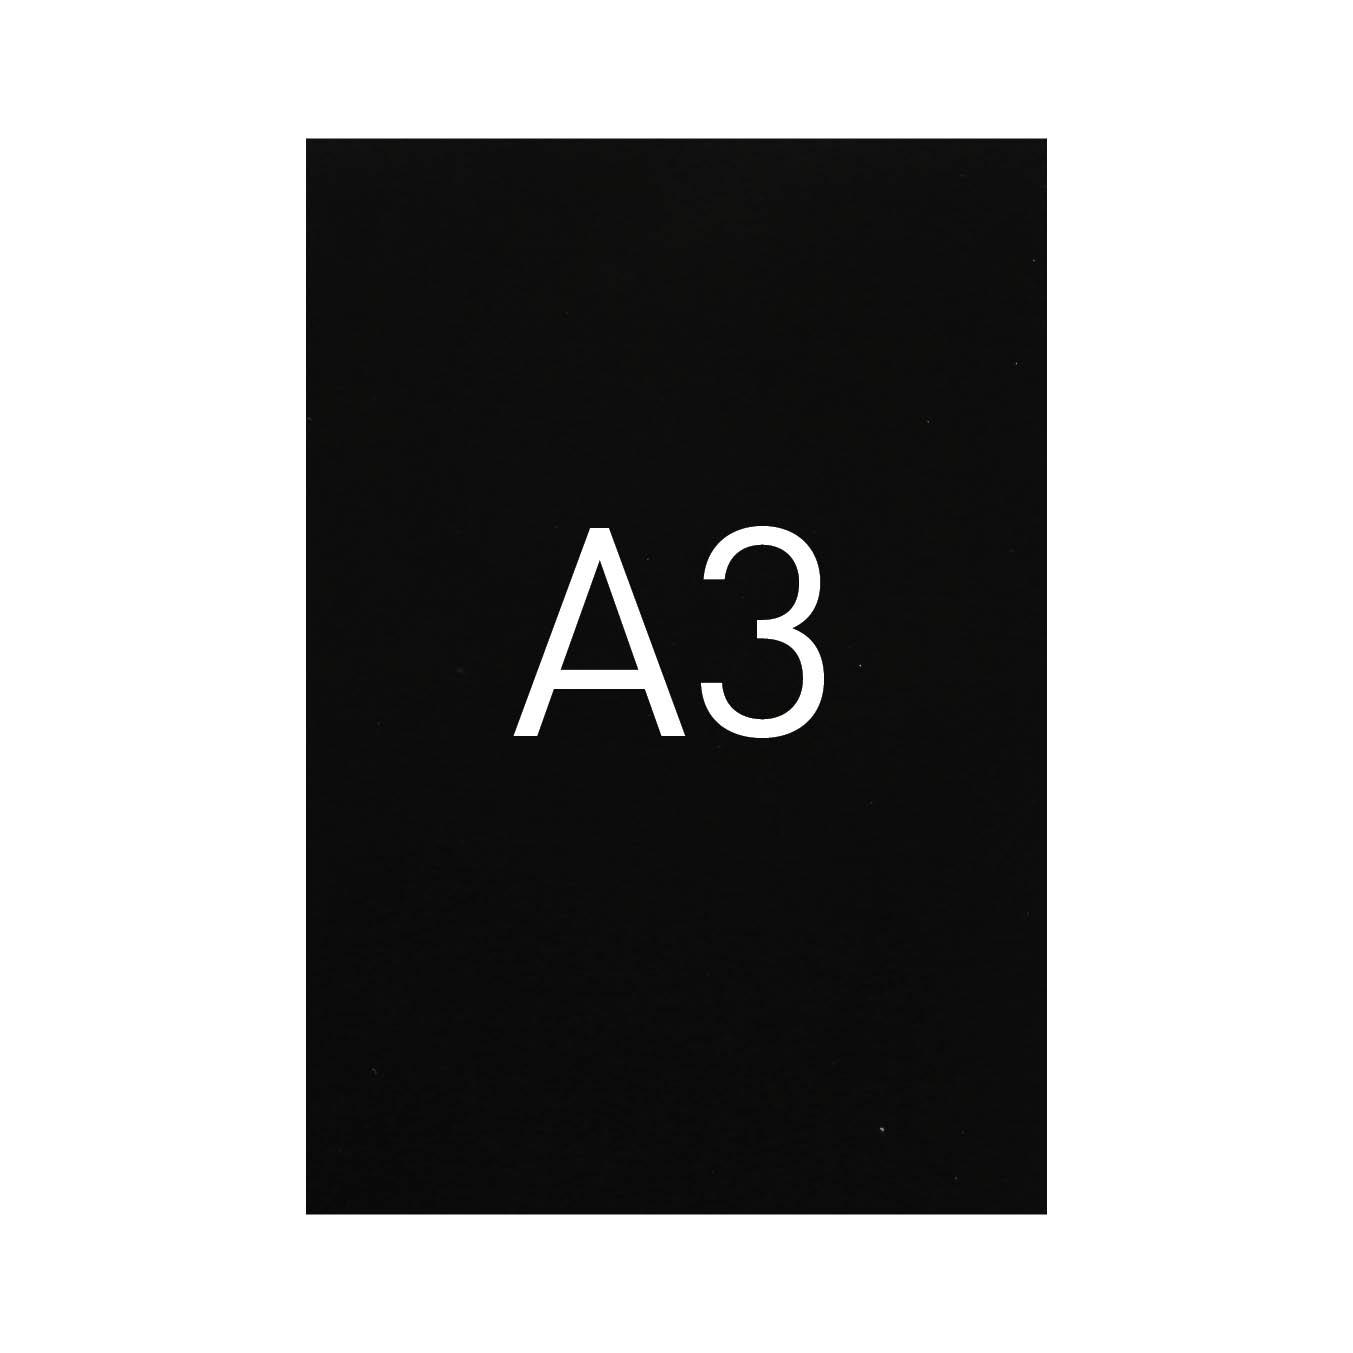 Miękka okładka kartonowa z połyskiem - O.EXCLUSIVE 420 x 297 mm (A3) - 100 arkuszy - czarny